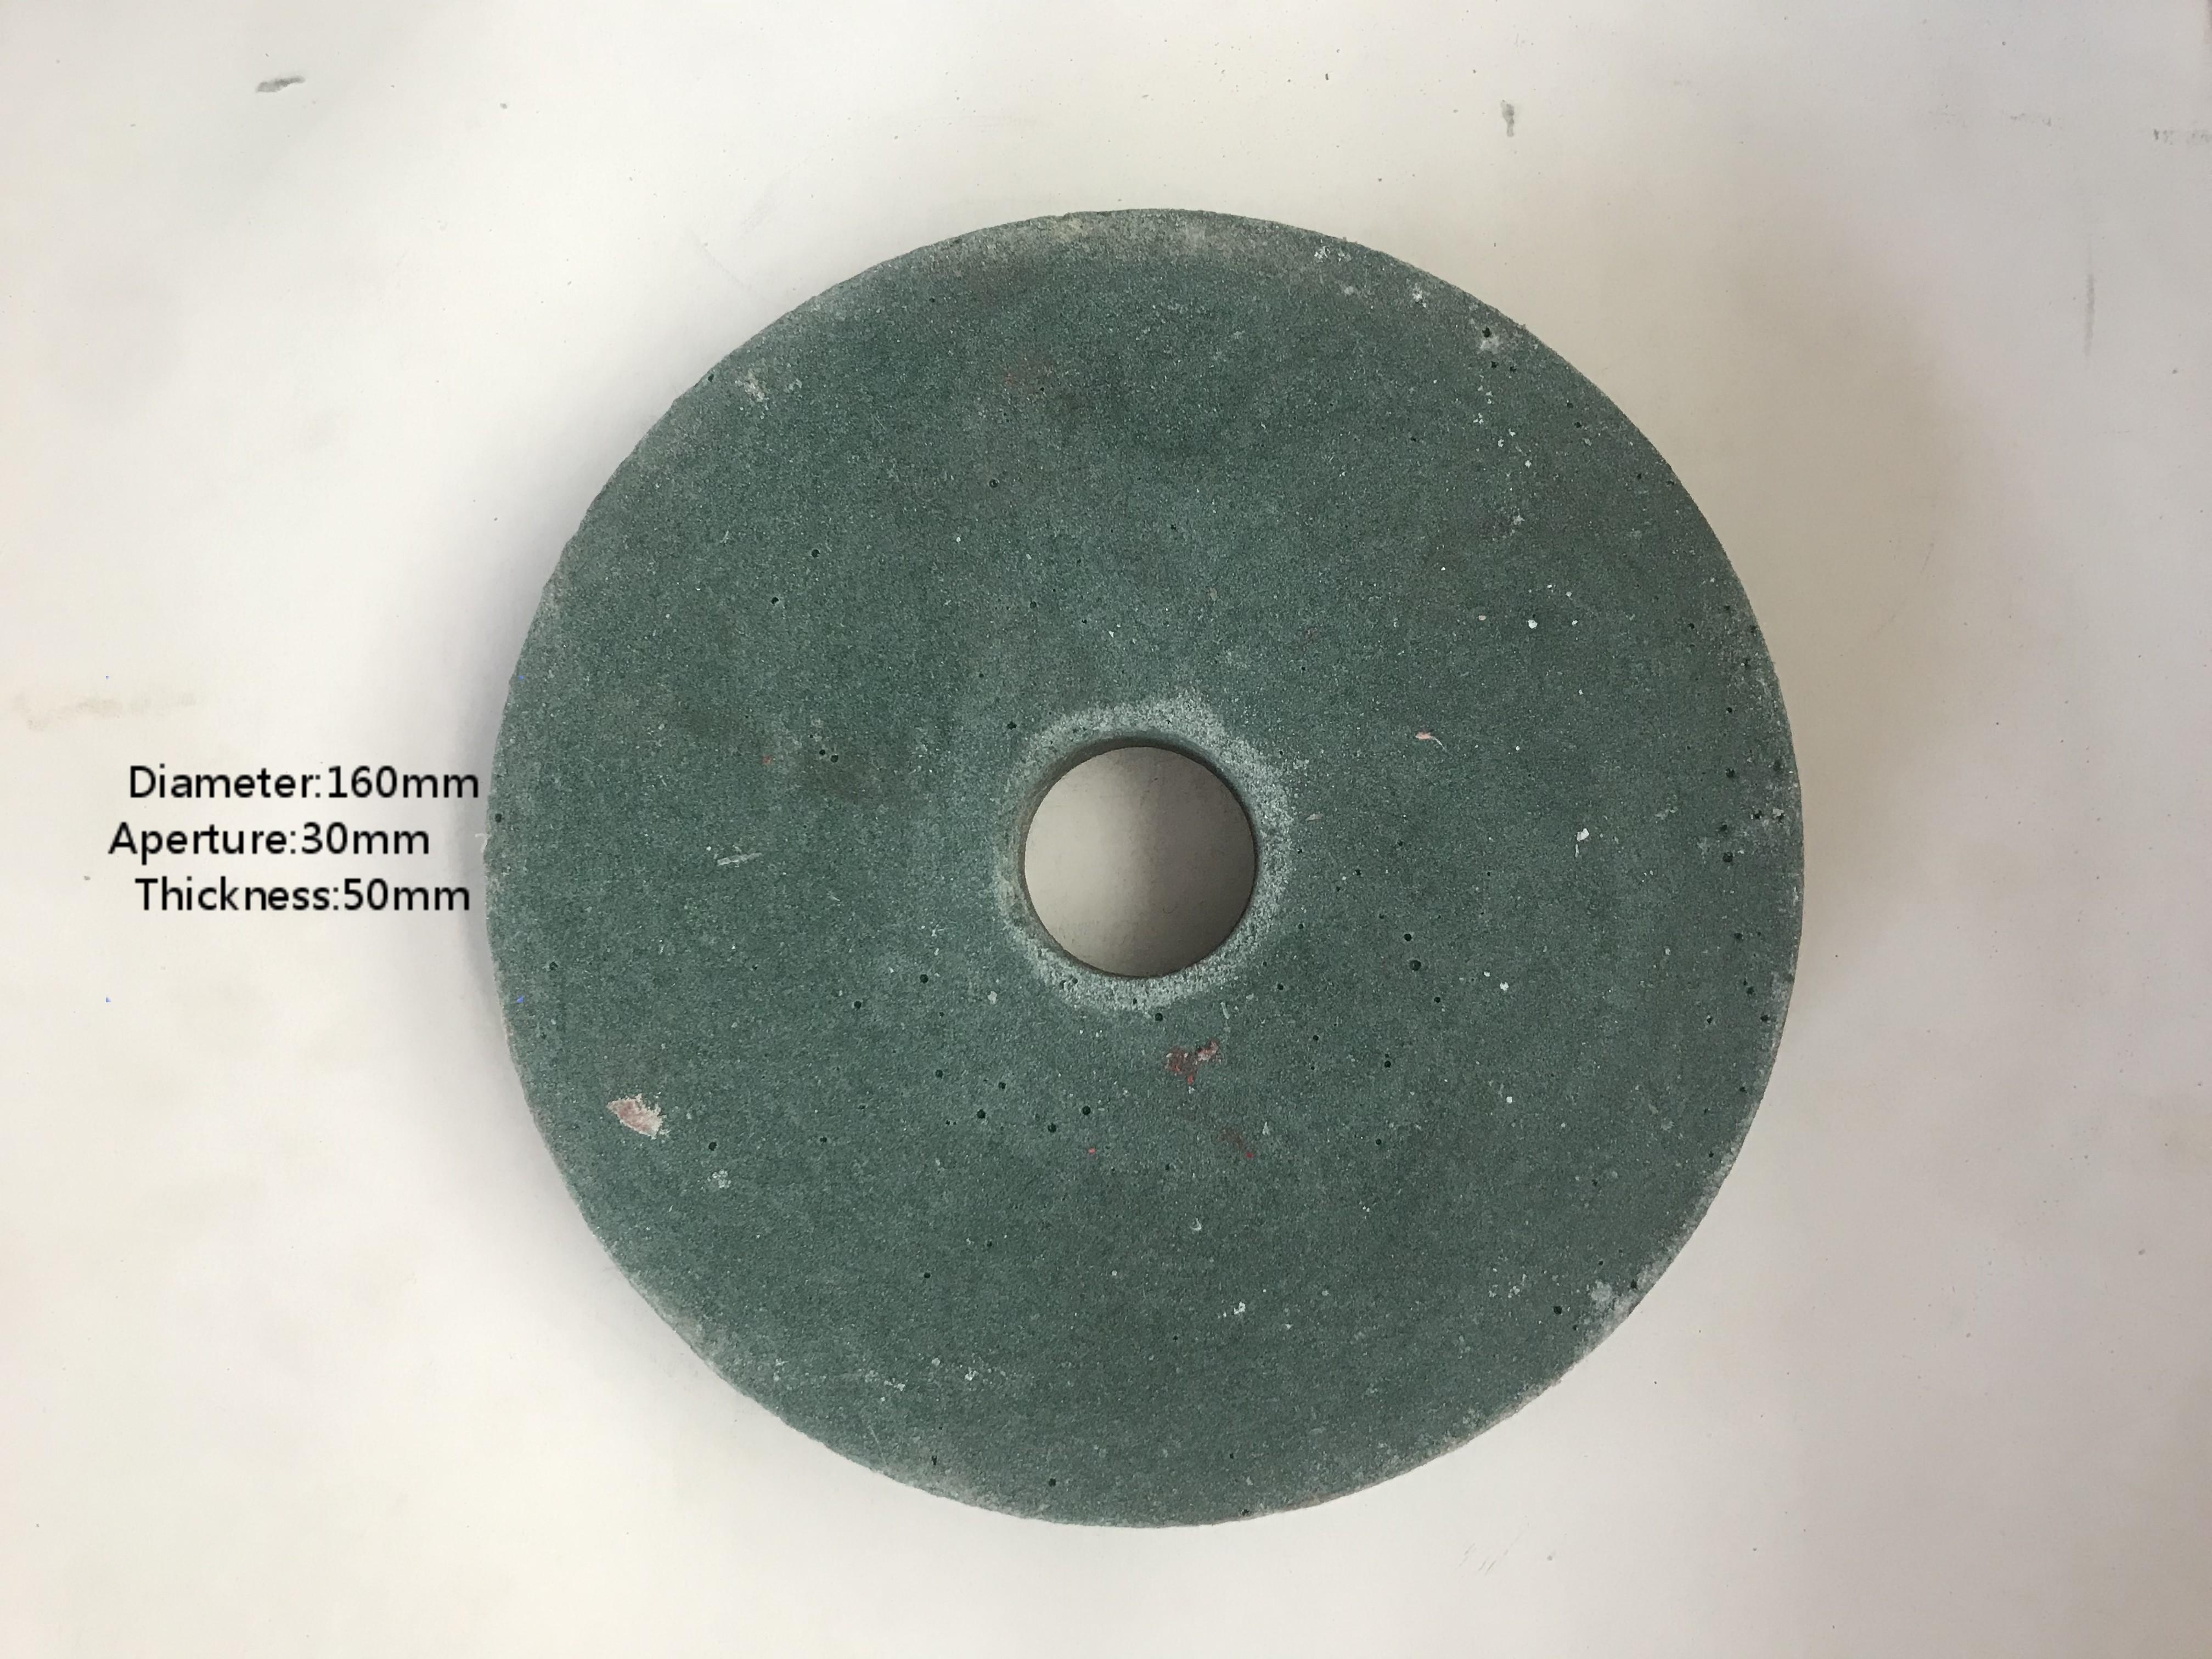 T.50mm sresin wheel